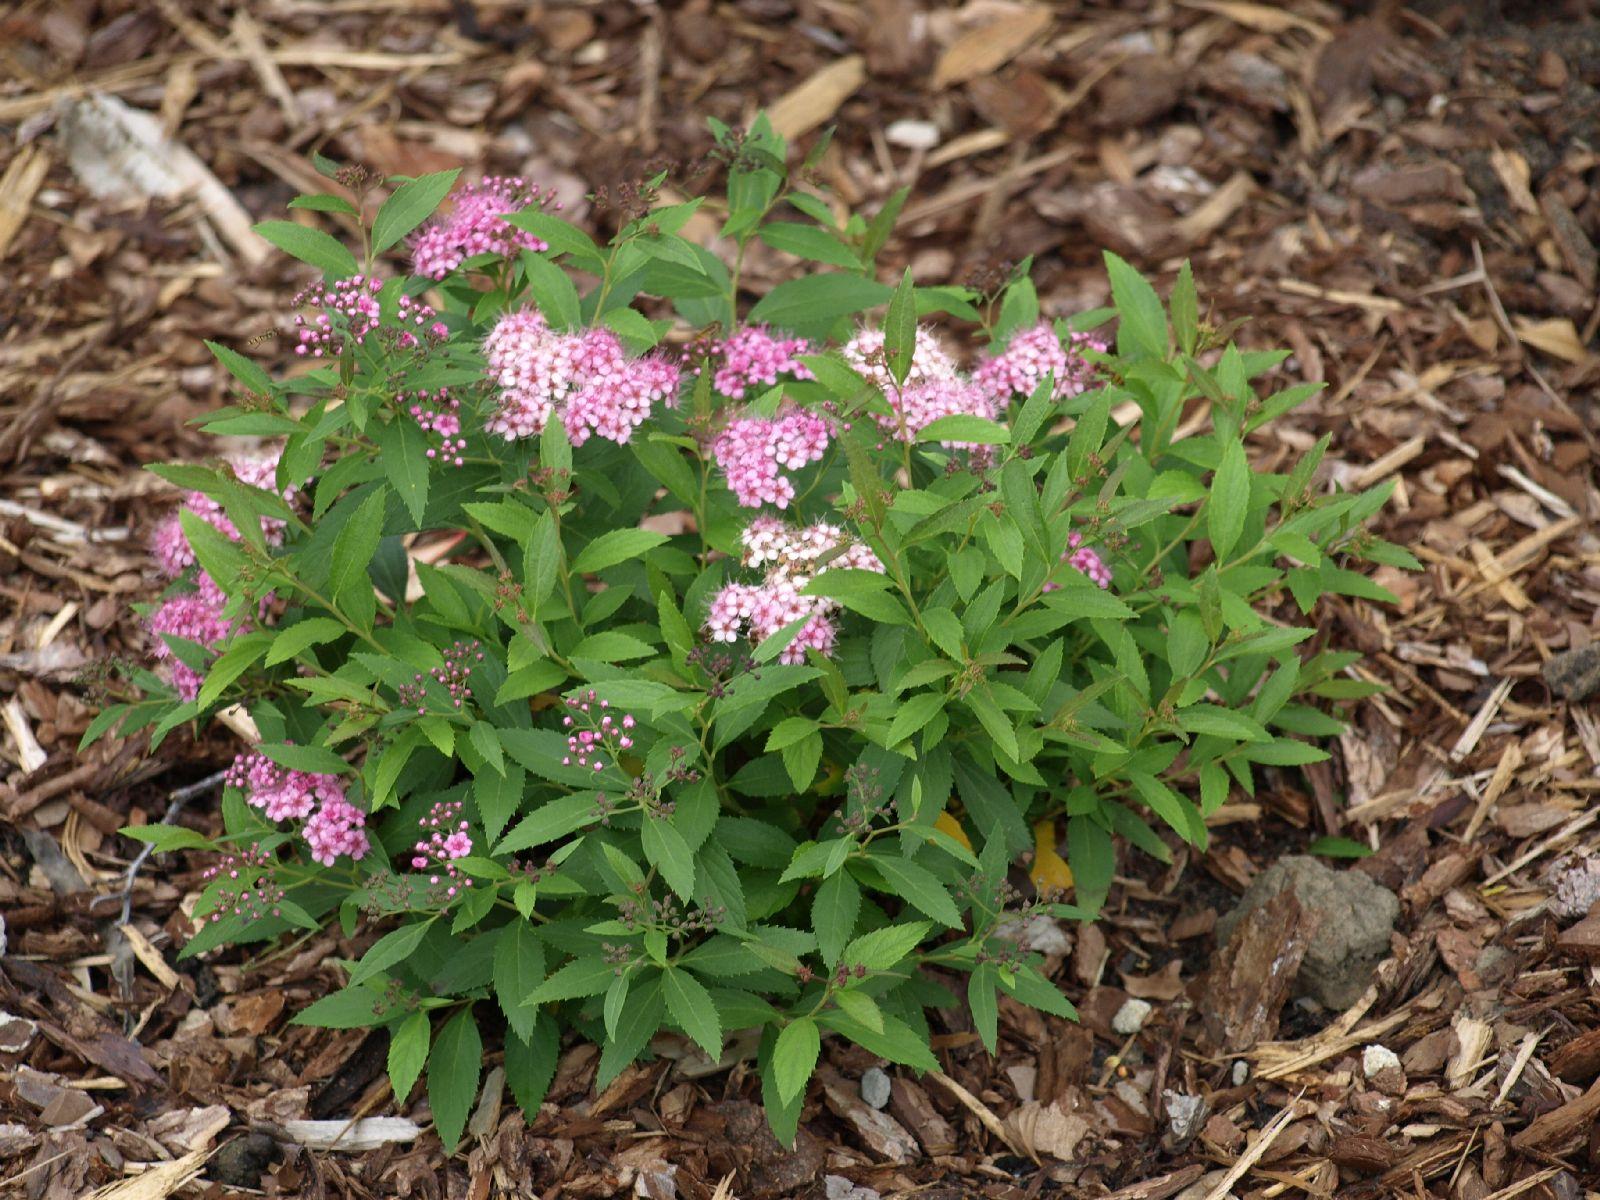 Pflanzen-Blumen-Foto_Textur_B_P7188644